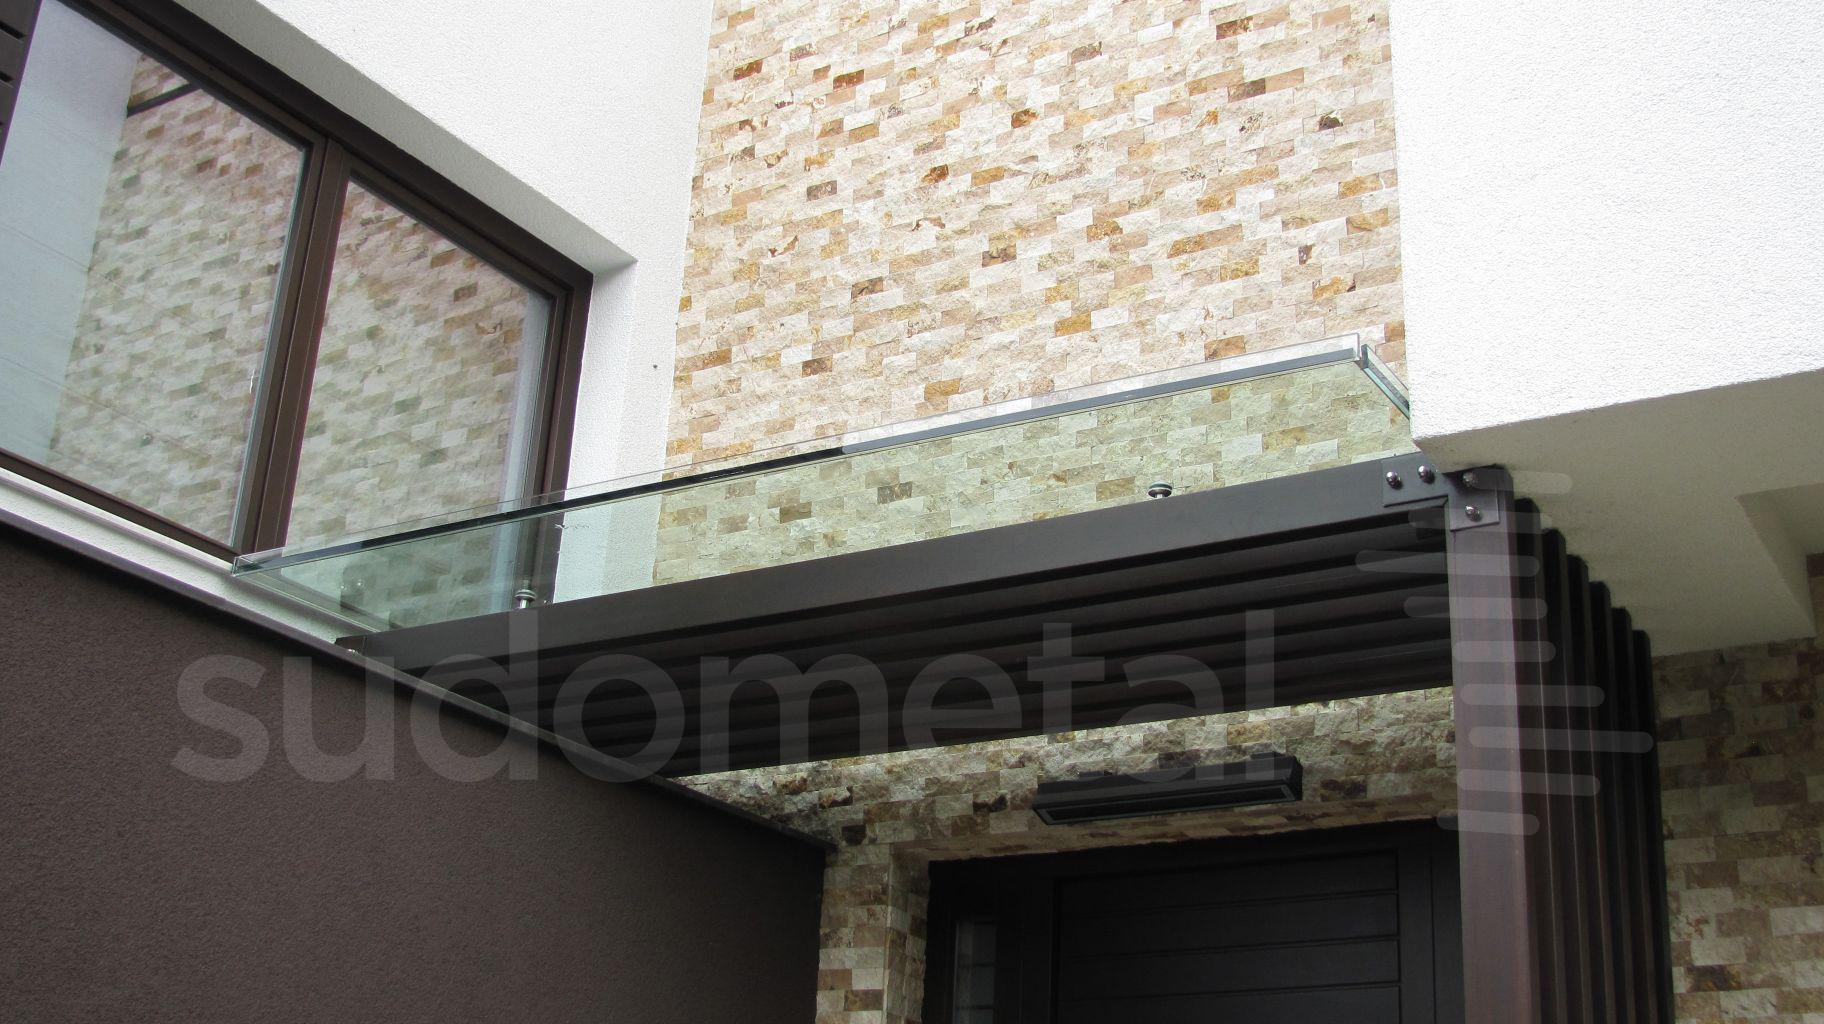 Balustrade din sticla - Balustrada din sticla tripla casa particulara Bacau SUDOMETAL - Poza 9